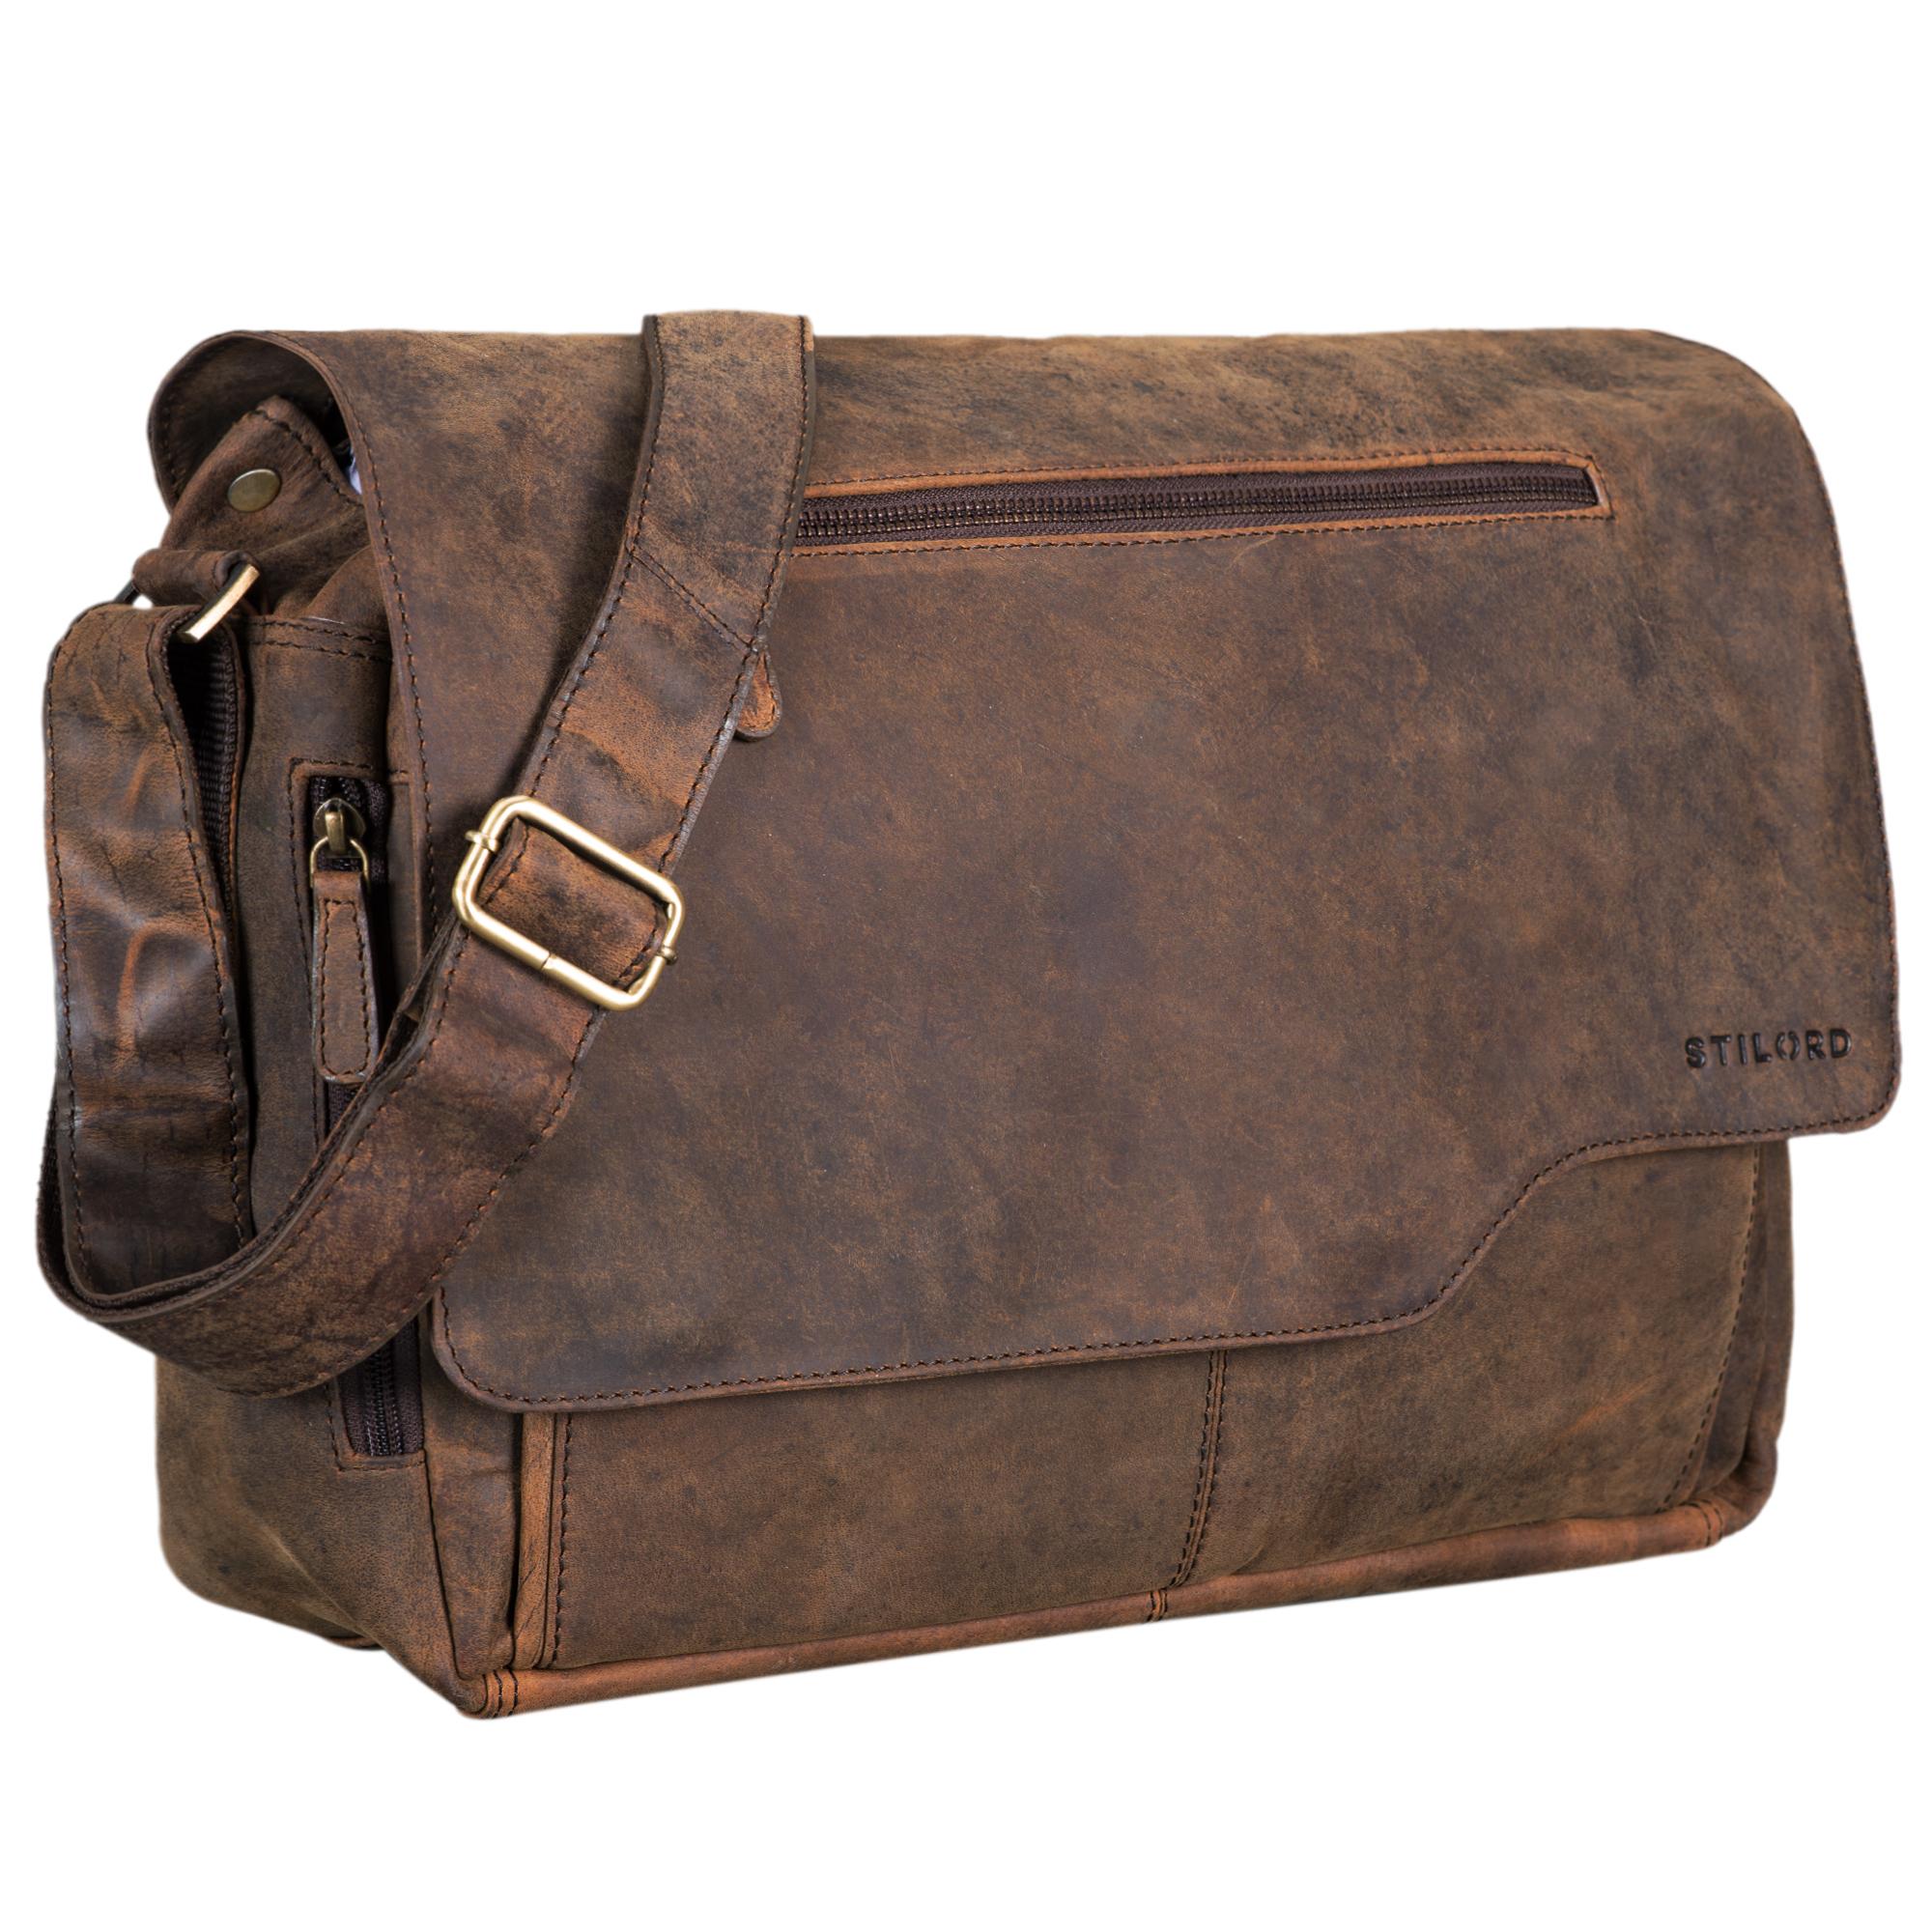 """STILORD """"Marvin"""" Herren Ledertasche Umhängetasche Unisex Bürotasche elegantes Vintage Design 15.6 Zoll Laptoptasche große Unitasche College Bag echtes Leder - Bild 12"""